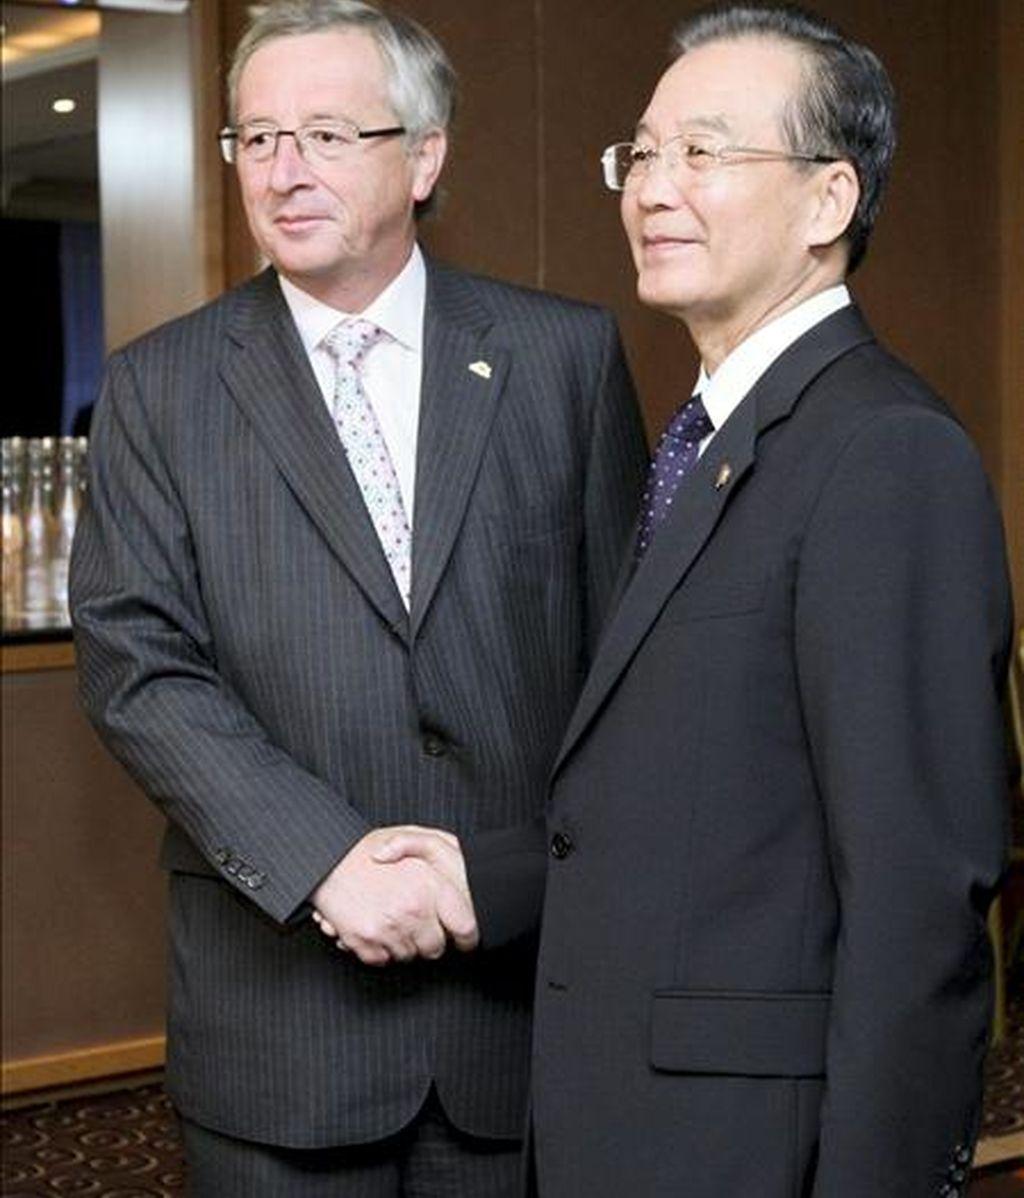 """El primer ministro chino, Wen Jiabao (dcha), saluda a su homólogo luxemburgués, Jean-Claude Juncker, presidente del Eurogrupo, durante la reunión financiera de la """"troika"""" celebrada hoy, martes, 5 de octubre de 2010 en el ámbito de la cumbre de líderes de Europa y Asia (ASEM) en Bruselas (Bélgica). Los jefes de Estado y Gobierno de más de 40 países de Europa, Asia y Oceanía debaten hoy la coordinación de sus políticas para afianzar la recuperación económica global, sobre la que aún pesan incertidumbres. EFE"""